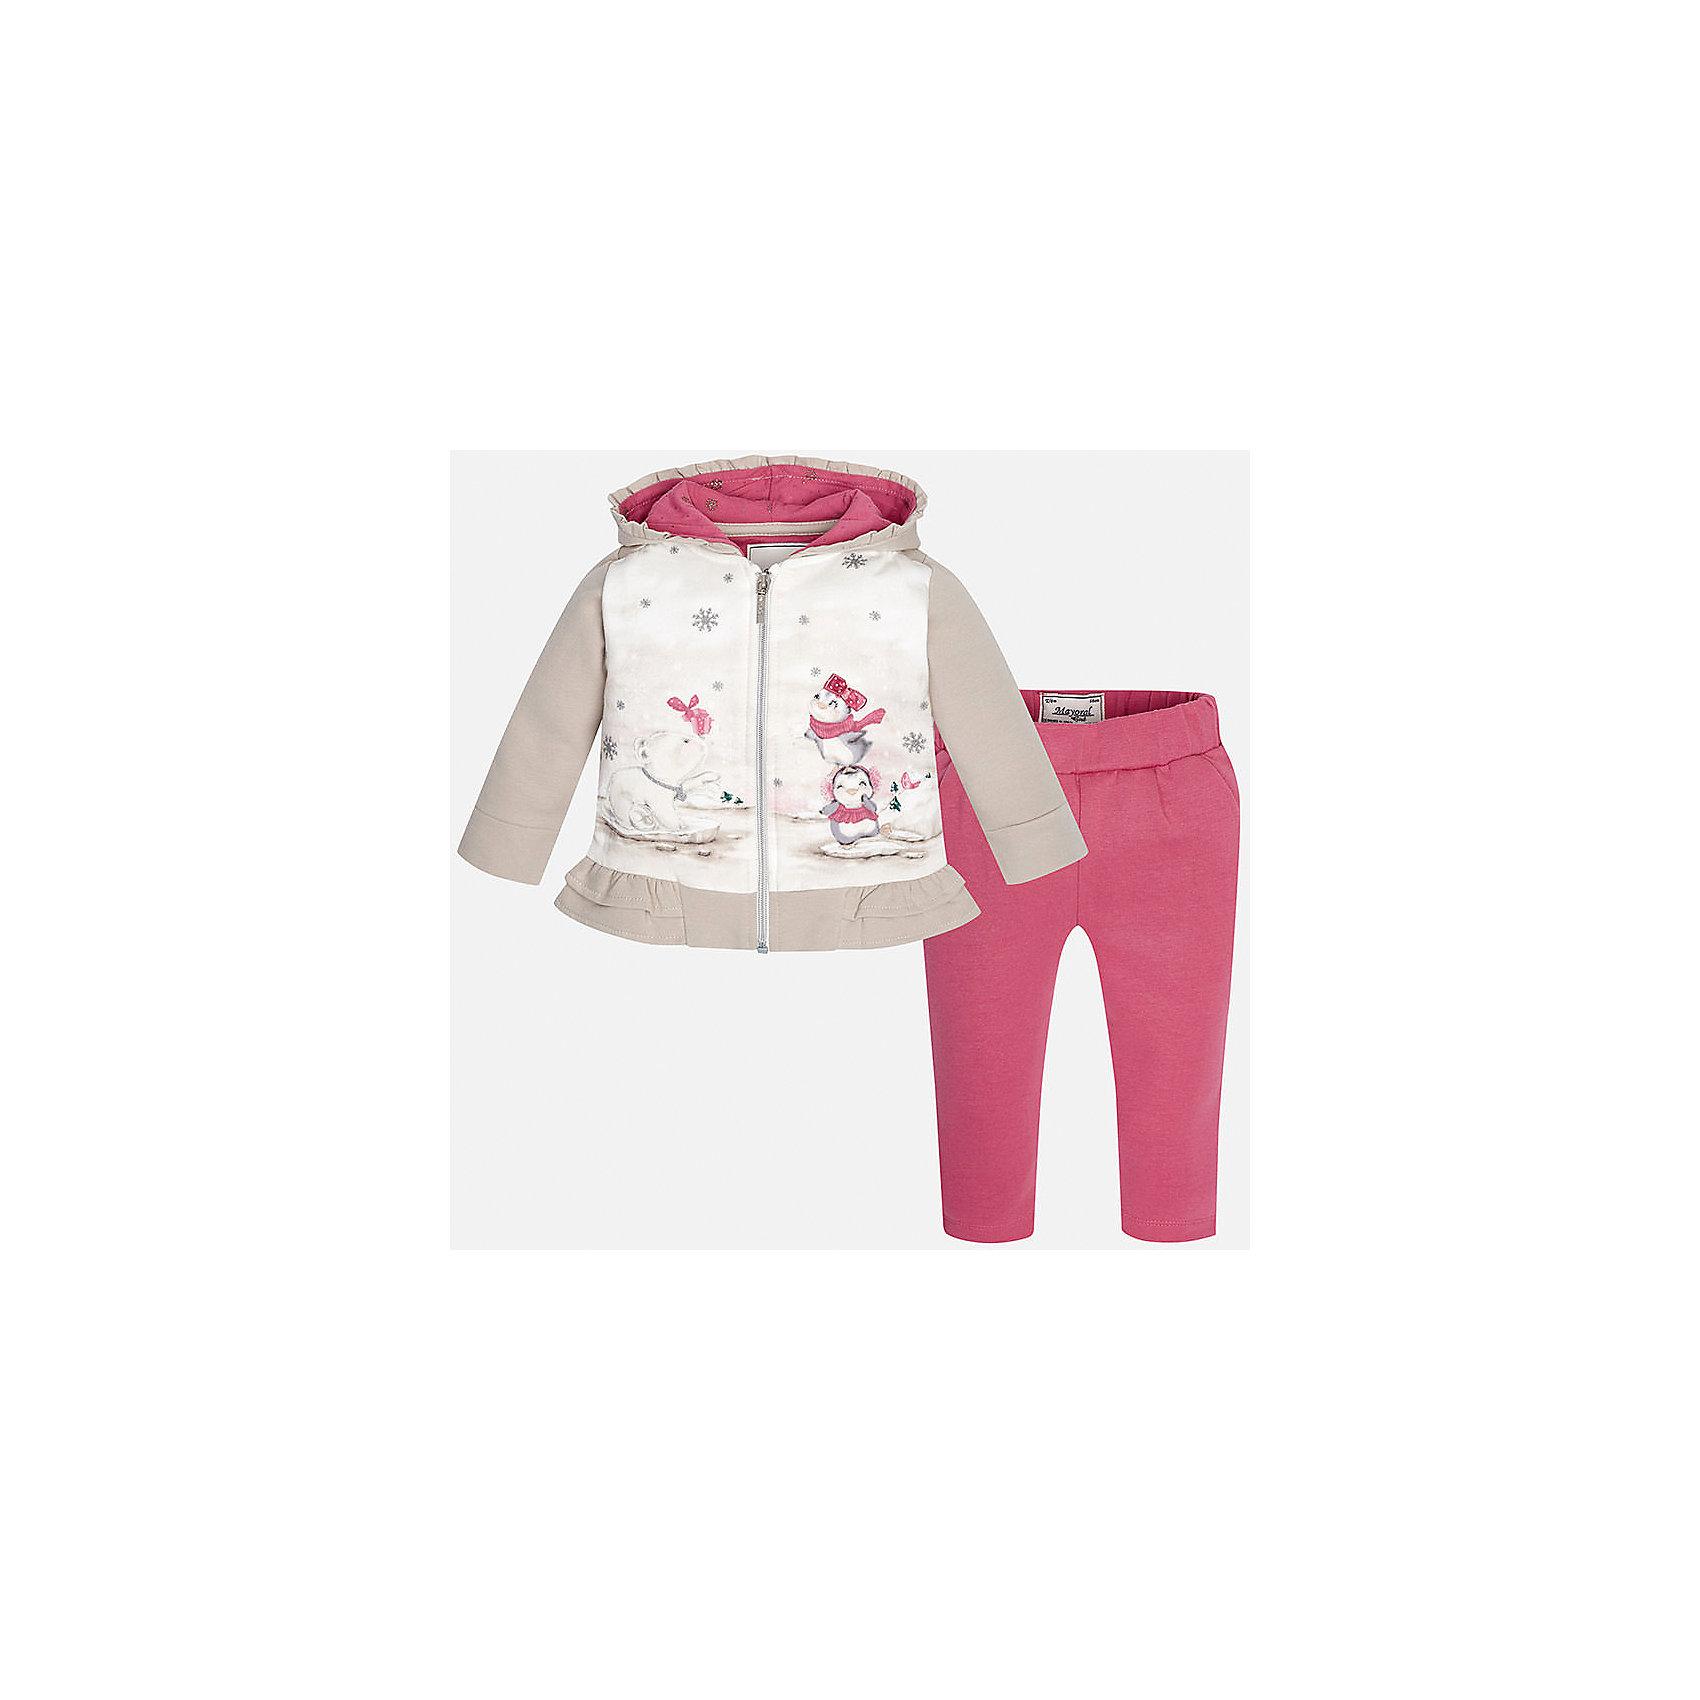 Спортивный костюм для девочки MayoralКомплекты<br>Очаровательный спортивный костюм займет достойное место в гардеробе юной модницы! Толстовка, декорированная ярким принтом и оборкой по низу, дополнена глубоким капюшоном с контрастной подкладкой. Леггинсы на эластичном поясе с резинкой выполнены из натурального хлопка с добавлением нитей эластана, прекрасно облегают фигуру и не сковывают движения.<br><br>Дополнительная информация:<br><br>- Мягкая, приятная на ощупь ткань.<br>- Комплектация: толстовка, леггинсы.<br>- Толстовка с капюшоном на подкладке. <br>- Застегивается на молнию.<br>- Яркий принт.<br>- Леггинсы на эластичном поясе.<br>Состав: <br>- толстовка - 70% хлопок, 25% полиэстер, 5% эластан; леггинсы - 95% хлопок, 5% эластан.<br><br>Спортивный костюм для девочки Mayoral (Майорал), розовый/серый, можно купить в нашем магазине.<br><br>Ширина мм: 247<br>Глубина мм: 16<br>Высота мм: 140<br>Вес г: 225<br>Цвет: красный<br>Возраст от месяцев: 6<br>Возраст до месяцев: 9<br>Пол: Женский<br>Возраст: Детский<br>Размер: 74,86,92,80<br>SKU: 4846248